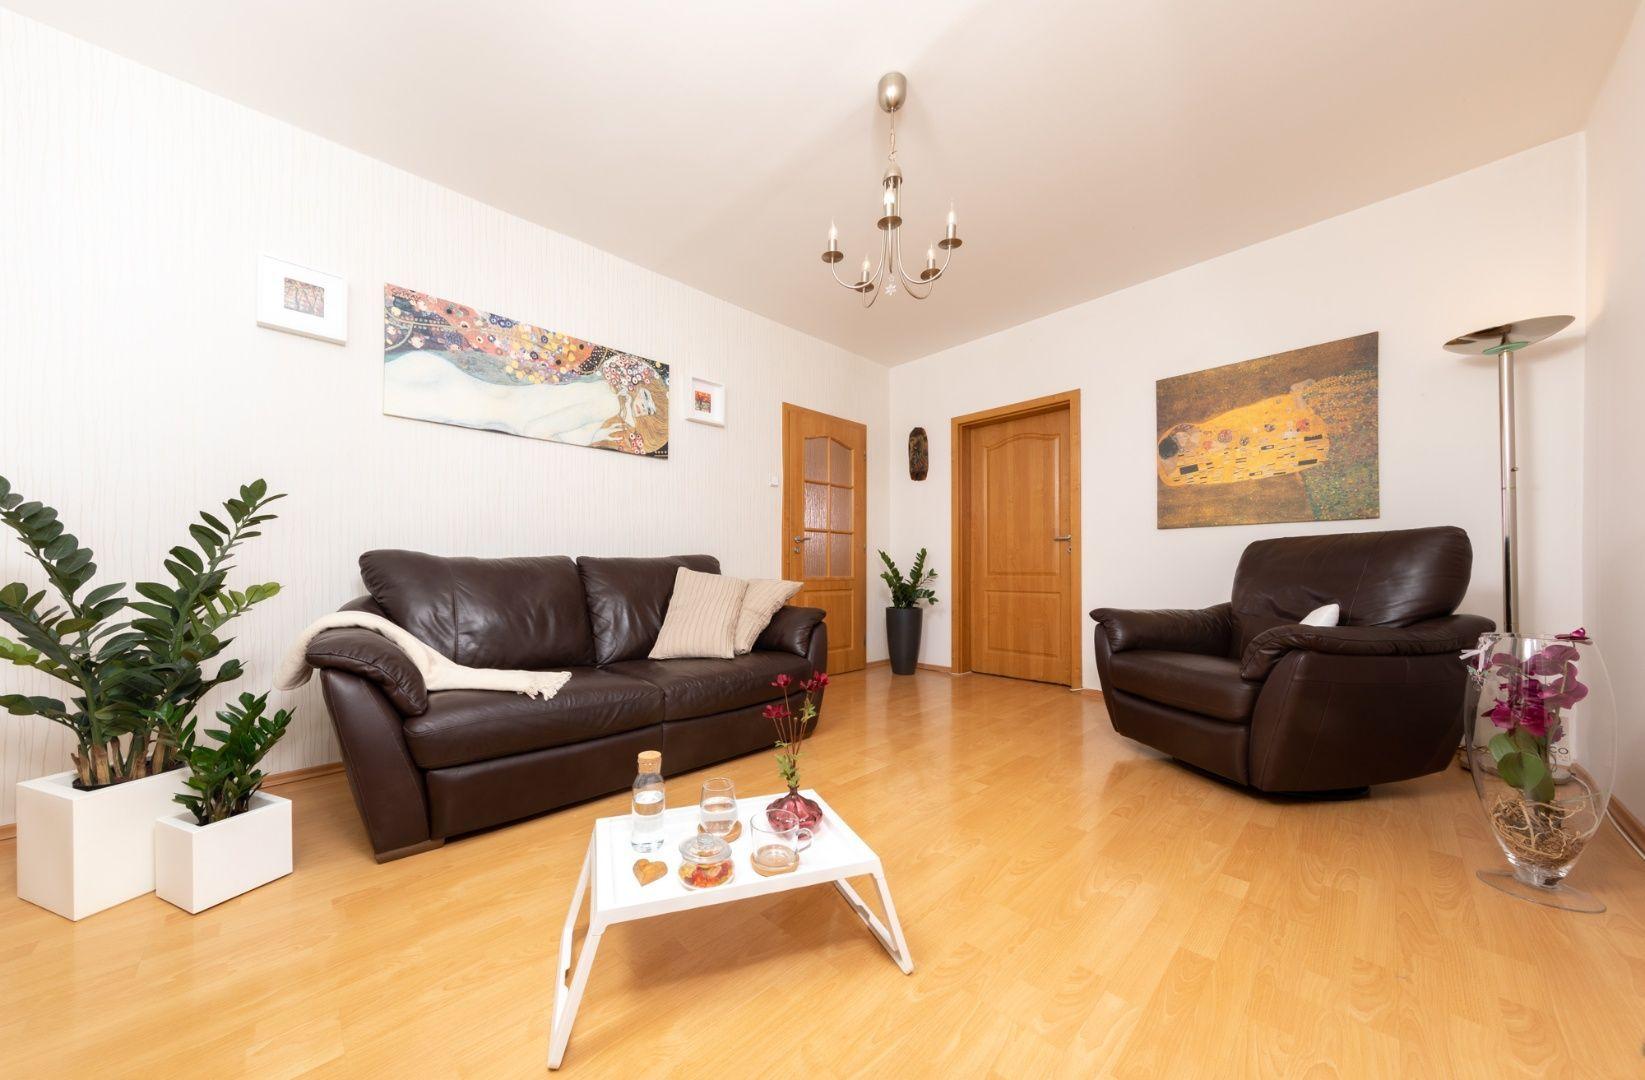 4-izbový byt-Predaj-Bratislava - m. č. Podunajské Biskupice-149 900 €